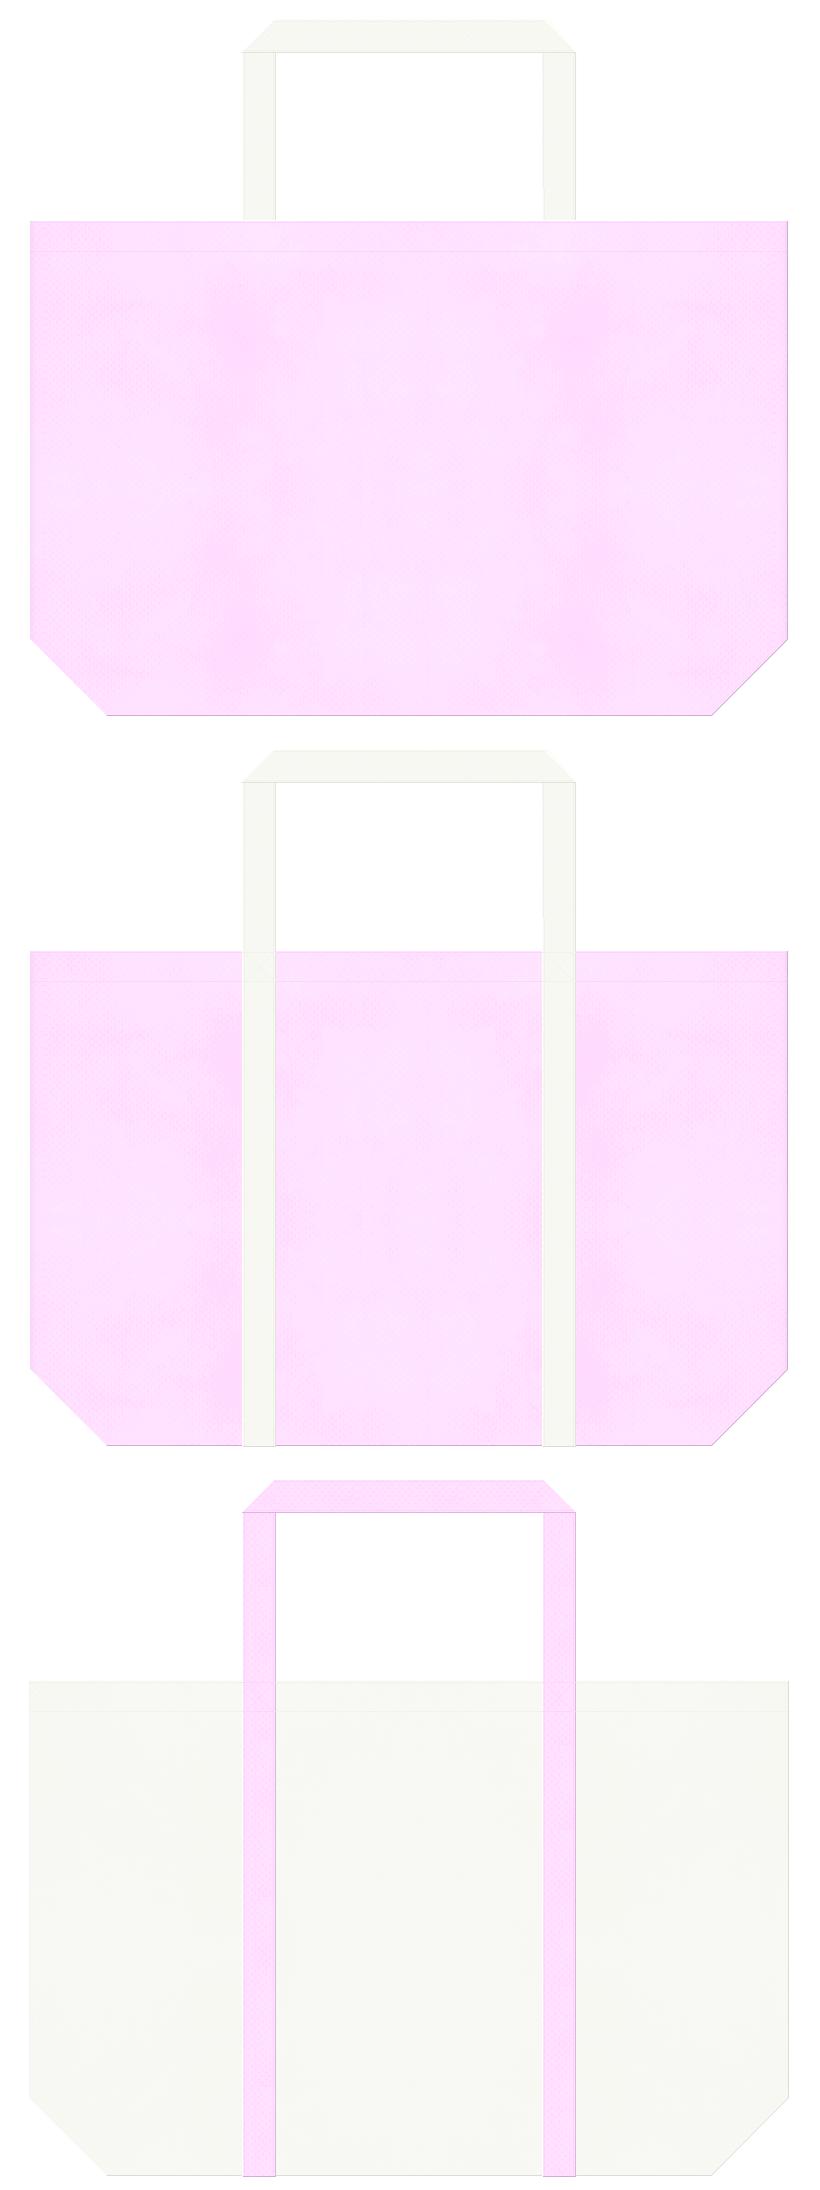 明るいピンク色とオフホワイト色の不織布バッグデザイン:医療ユニフォーム・婚礼衣装・バレエ衣装のショッピングバッグにお奨めです。